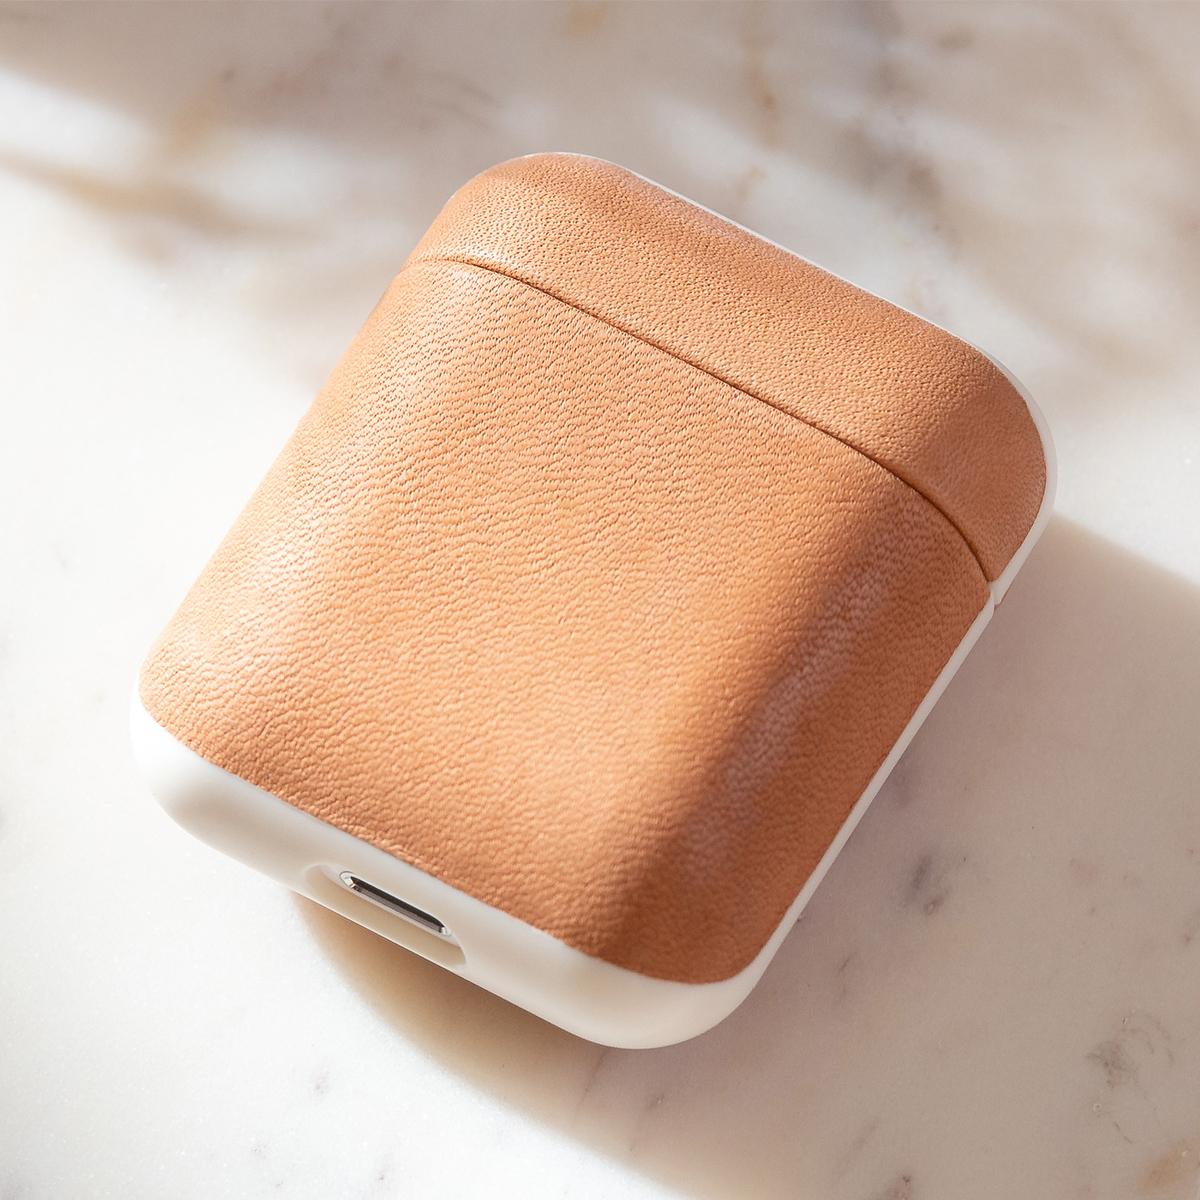 革好きにはたまらない憧れのブランドホーウィン社がなめしたヌメ革のAirPodsケース・Apple Watchバンド|NOMAD